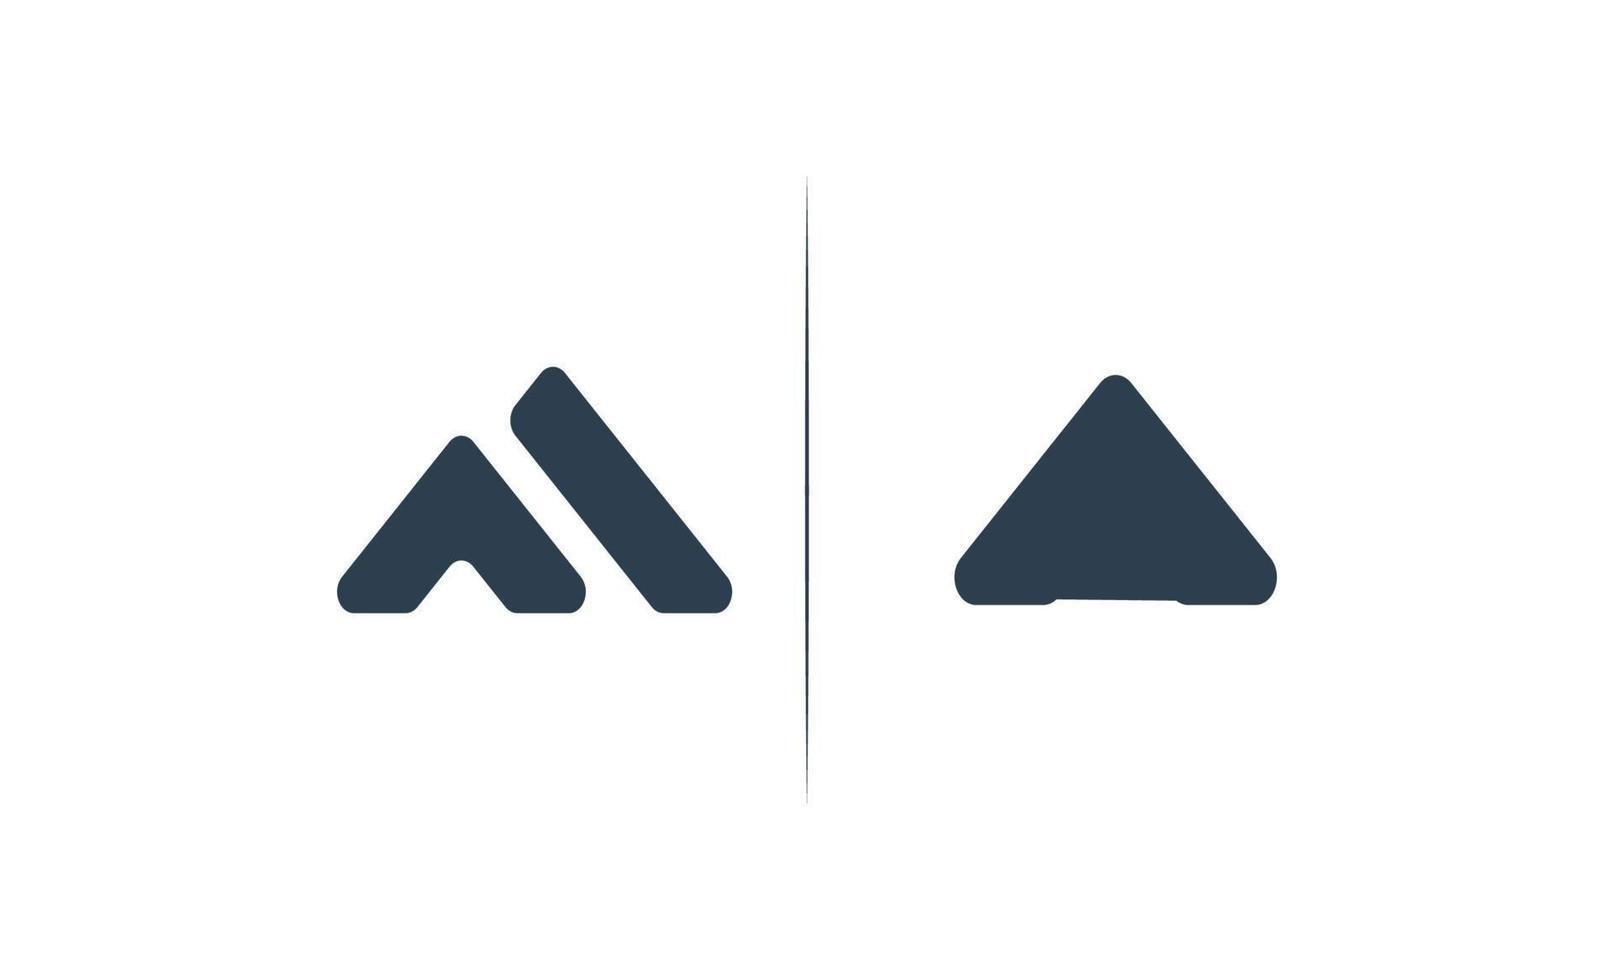 initialt en logo design mall vektor